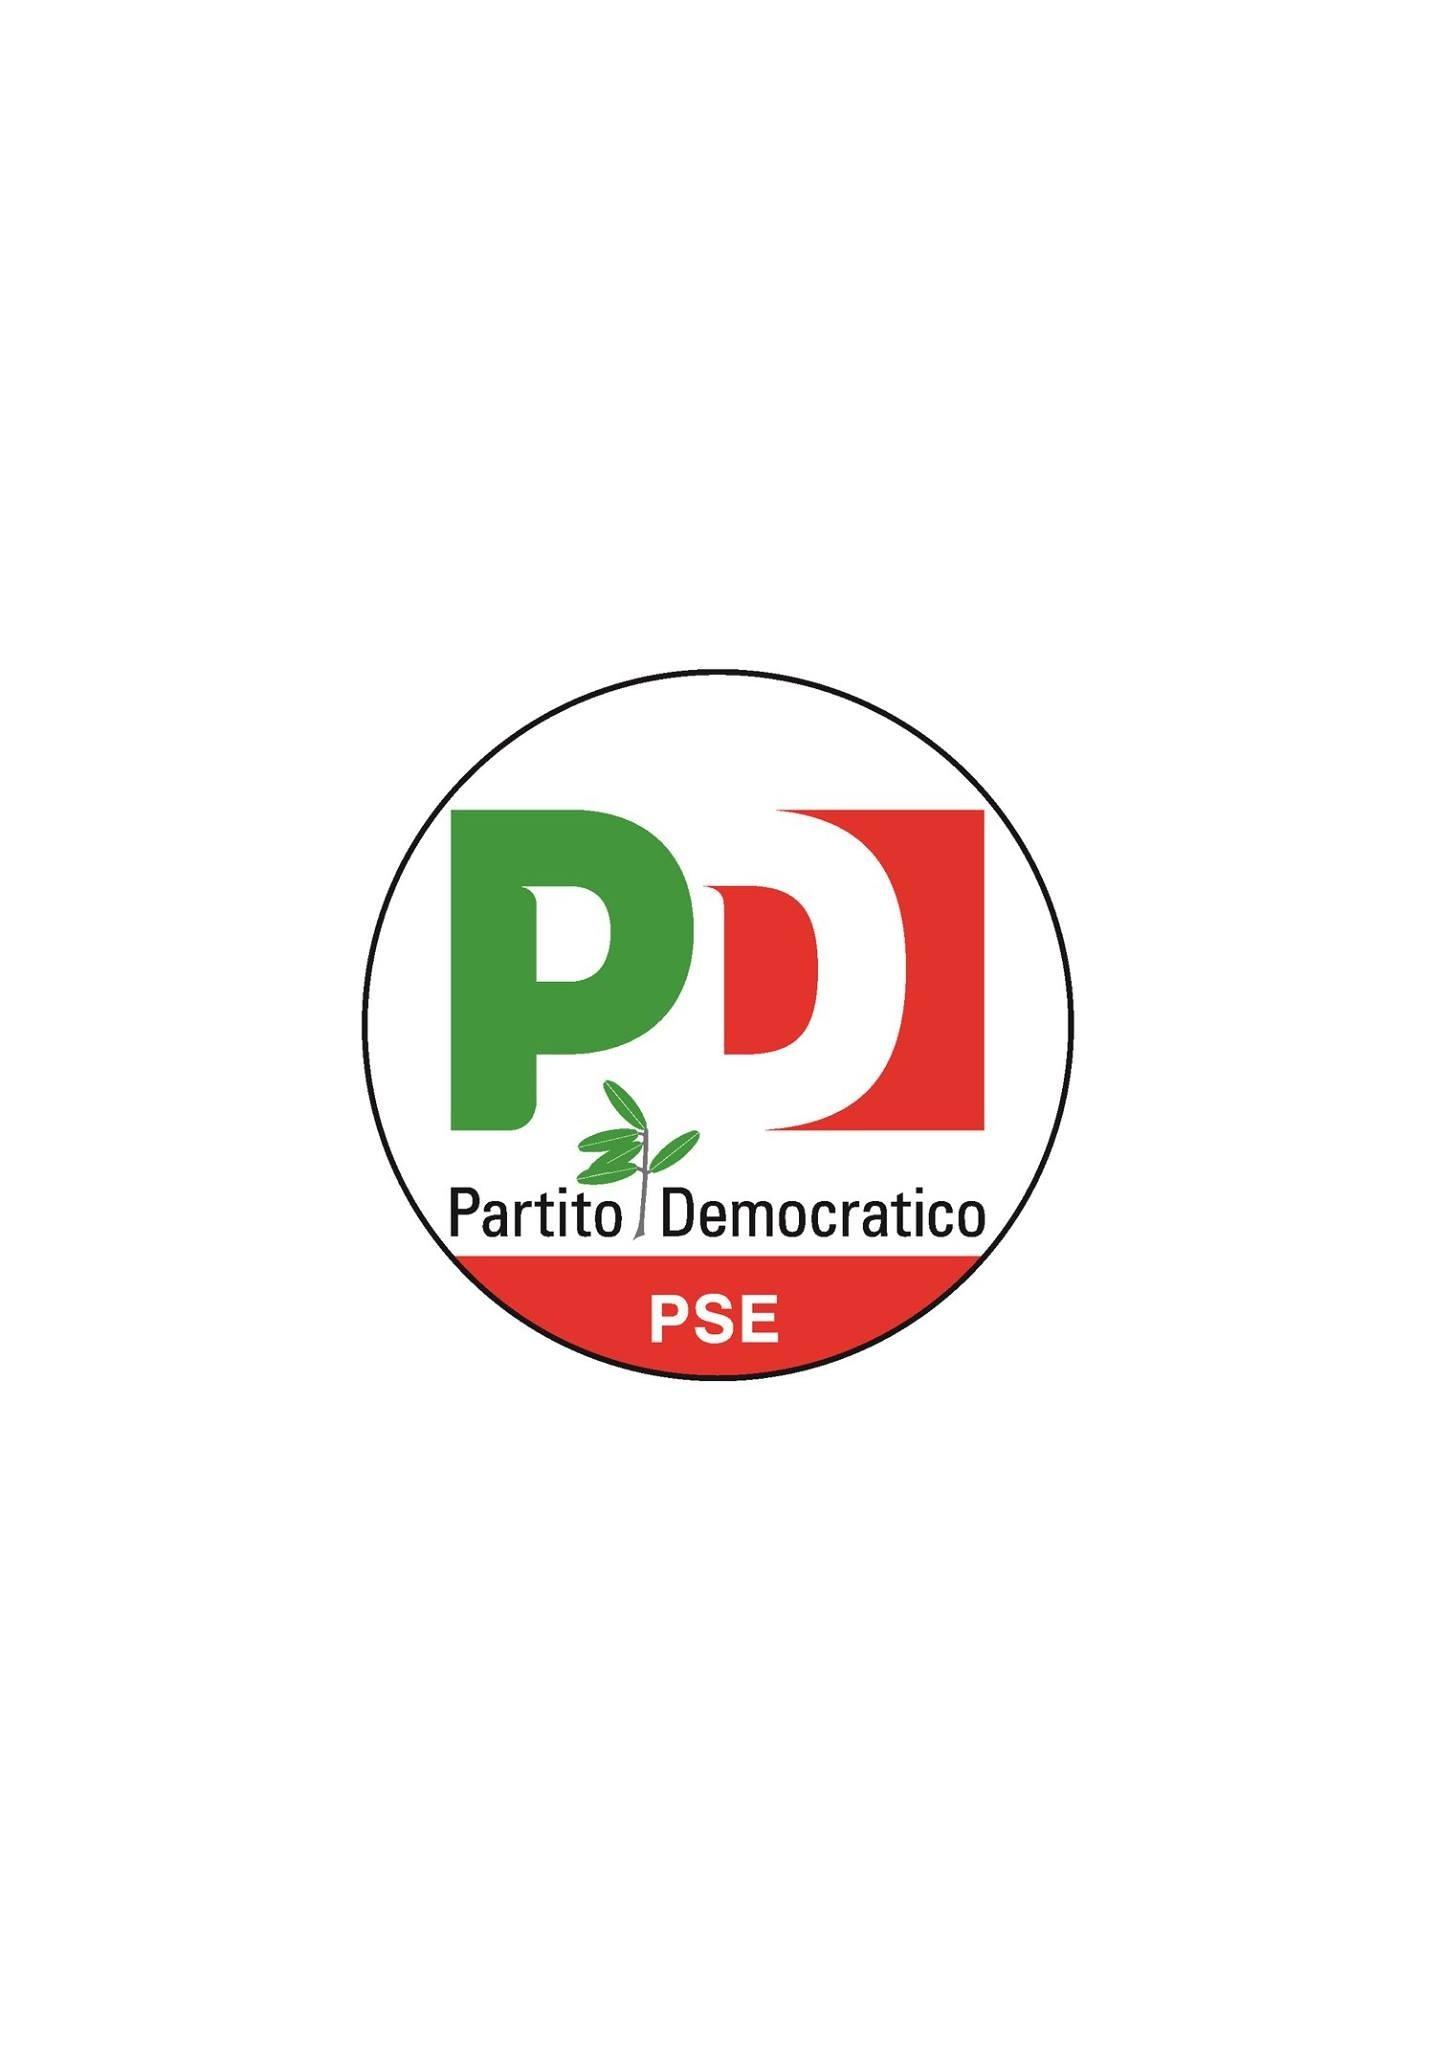 CIRCOLO PD ONLINE MESSINA